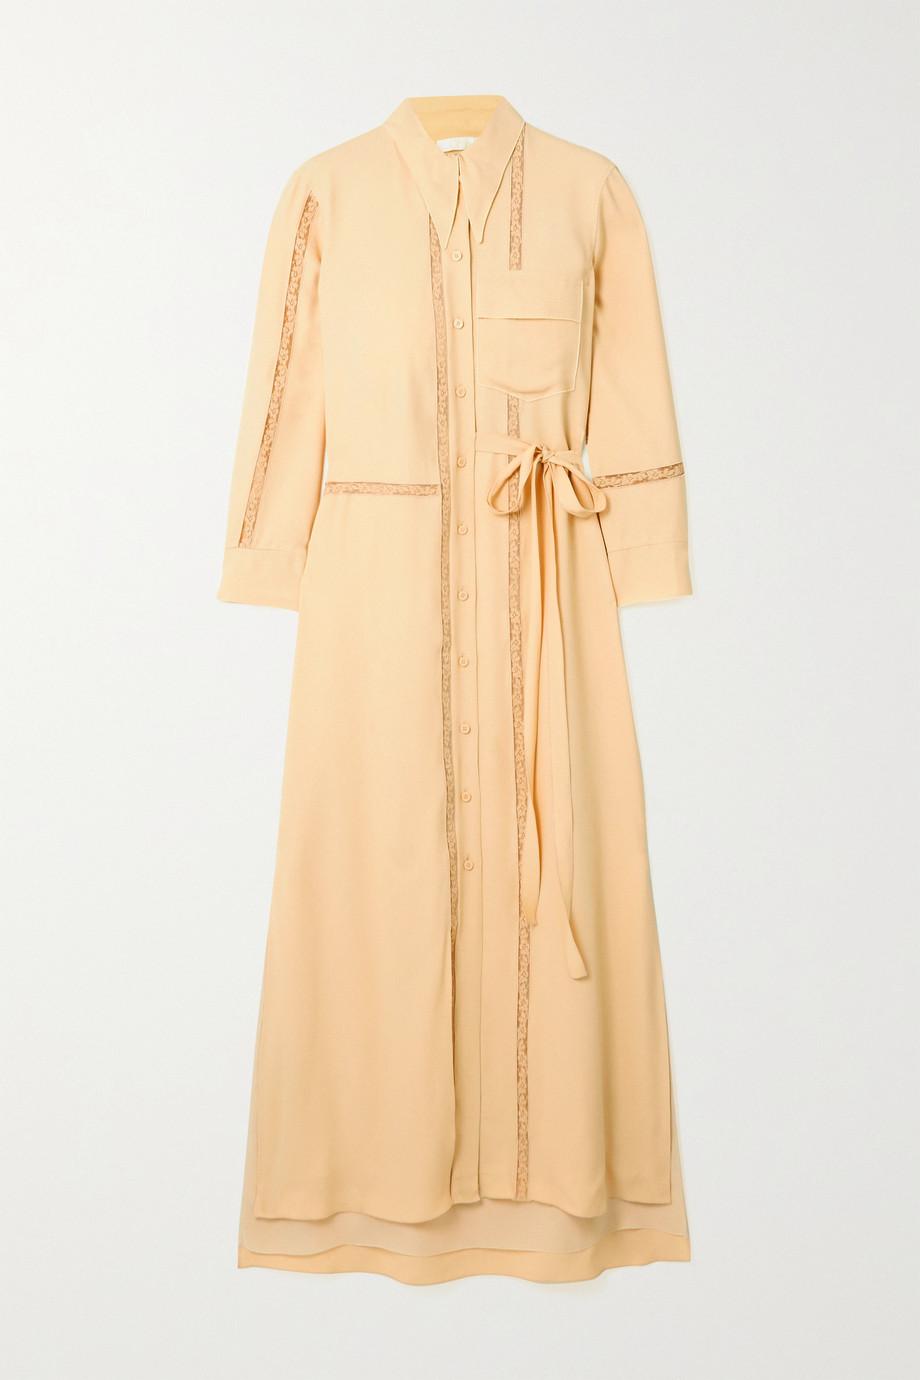 Chloé Robe-chemise midi en crêpe à finitions en dentelle et à ceinture